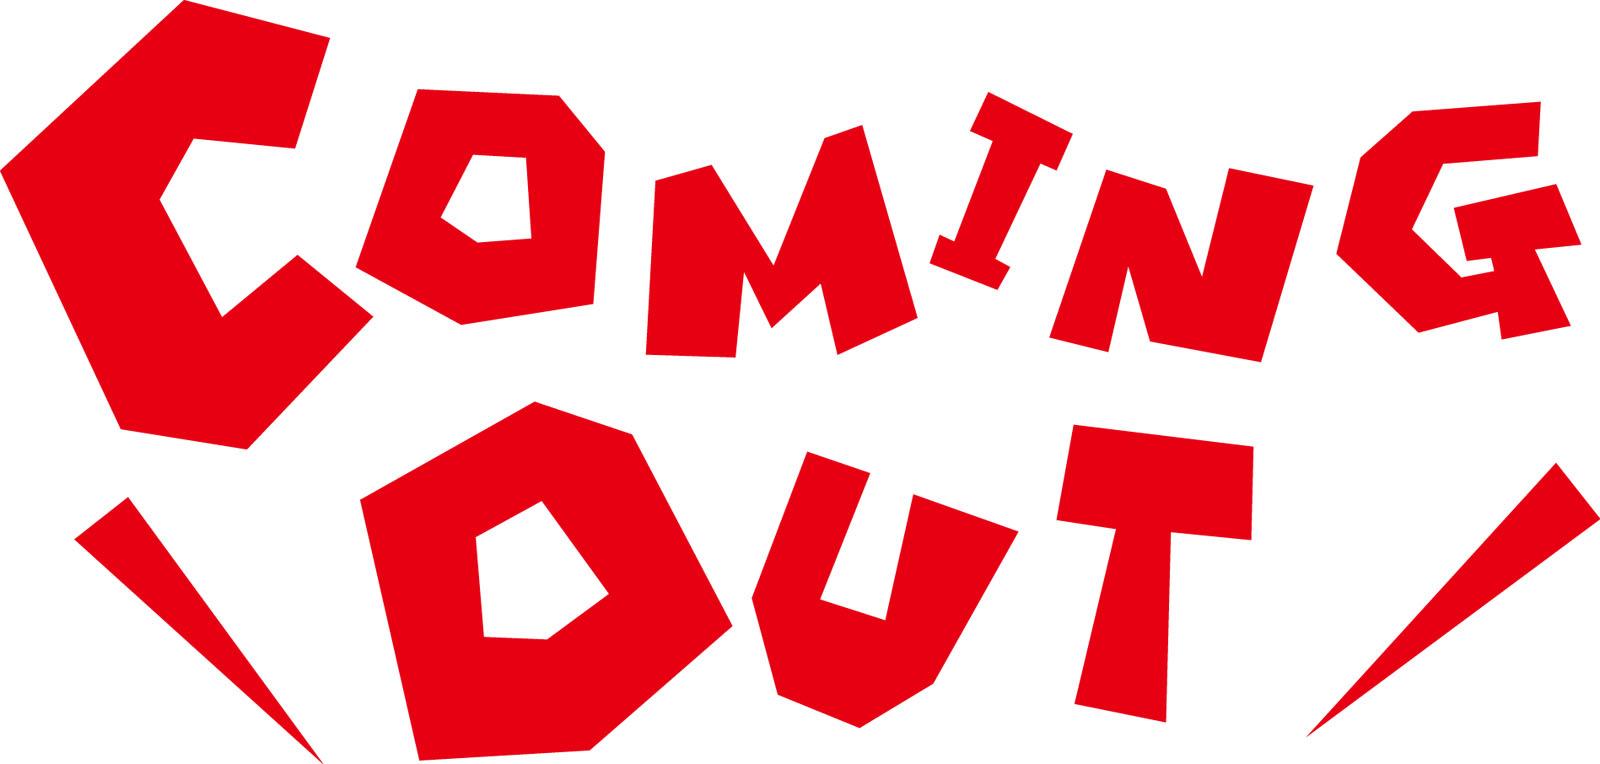 赤でデザインされたcoming outの文字